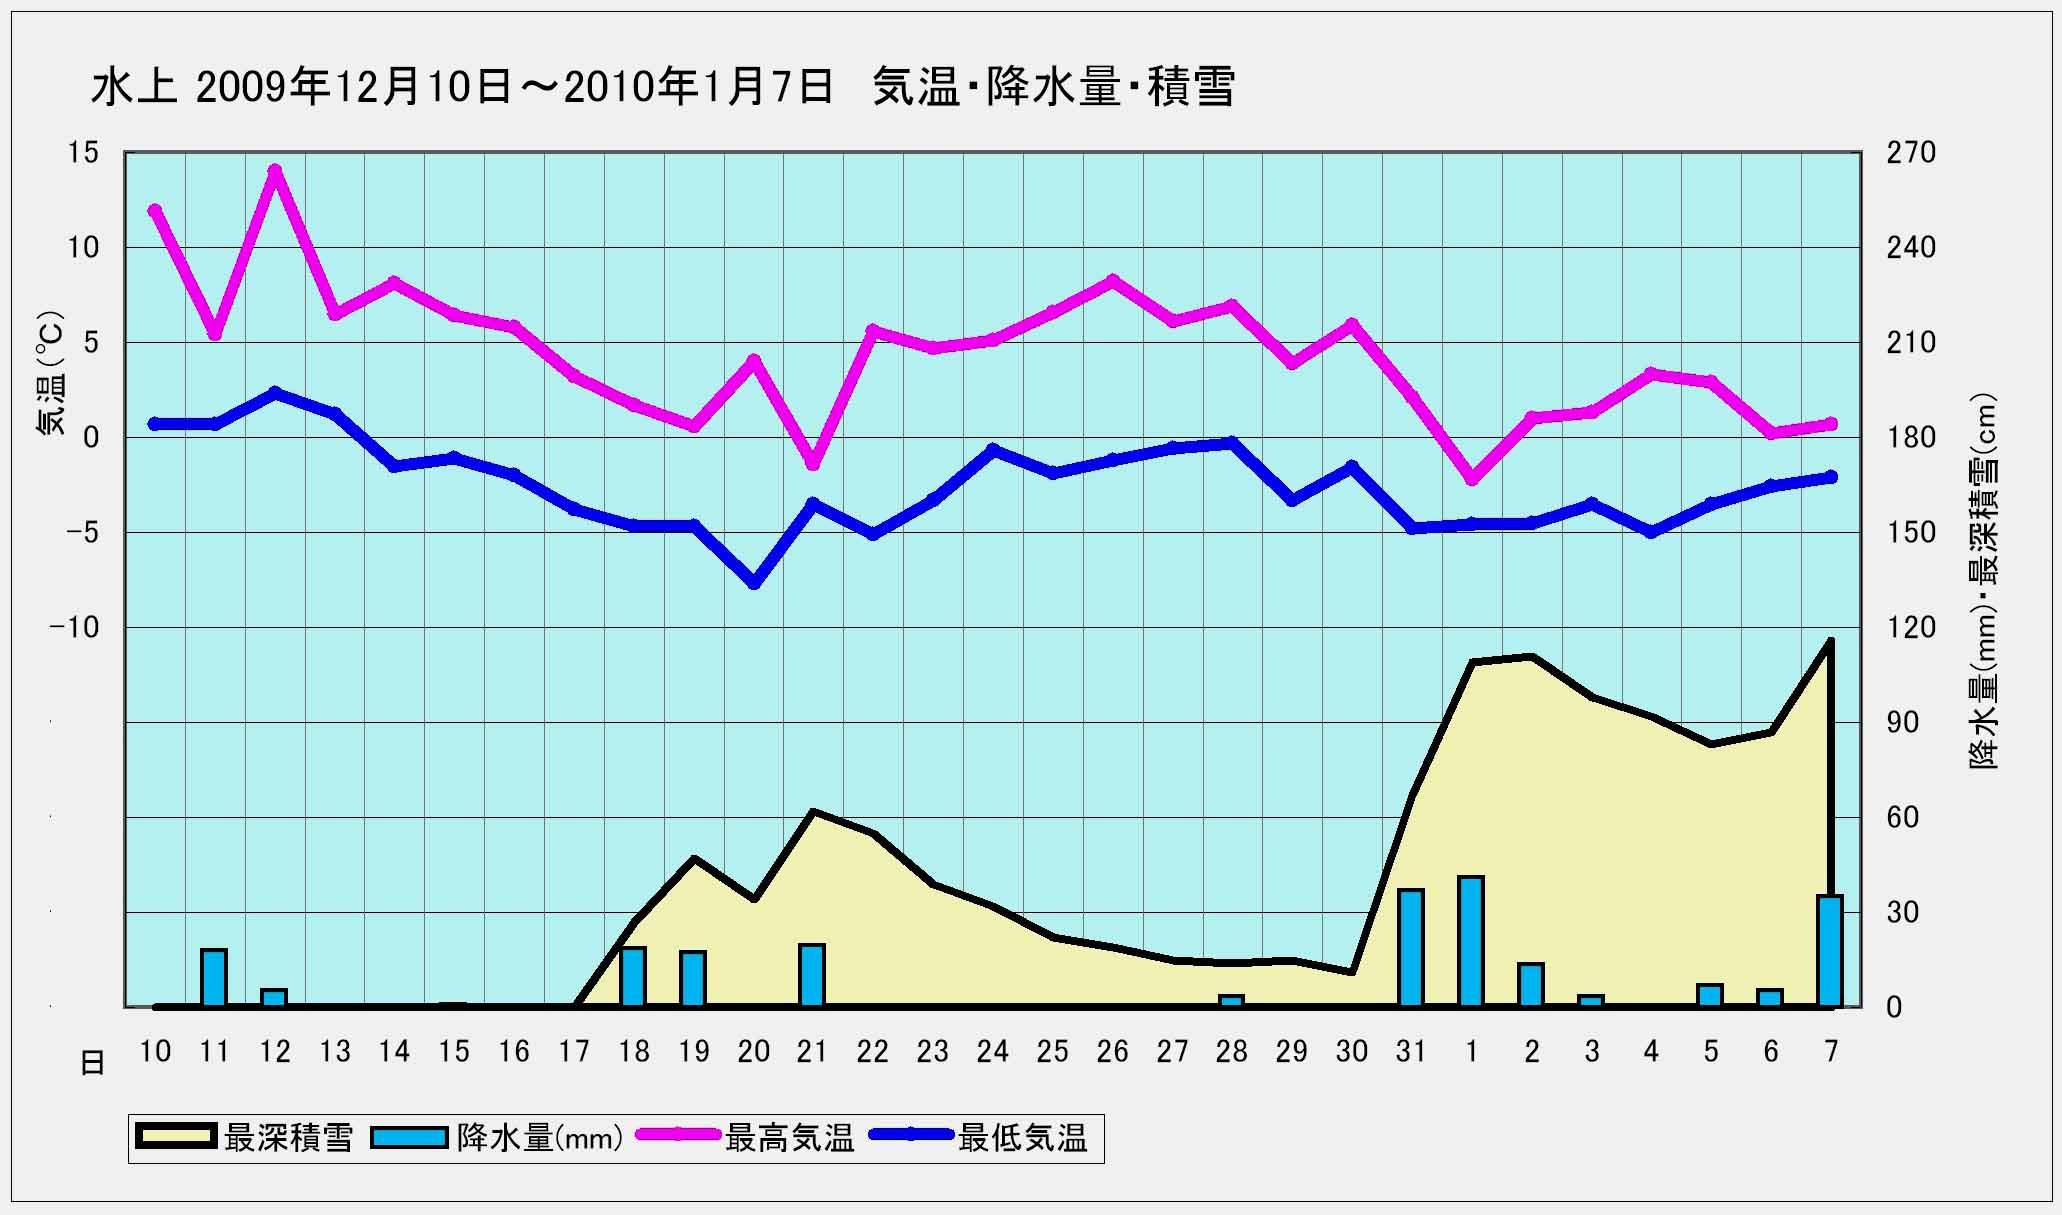 ★水上 2009年12月15日~2010年1月7日までの降雪と気温